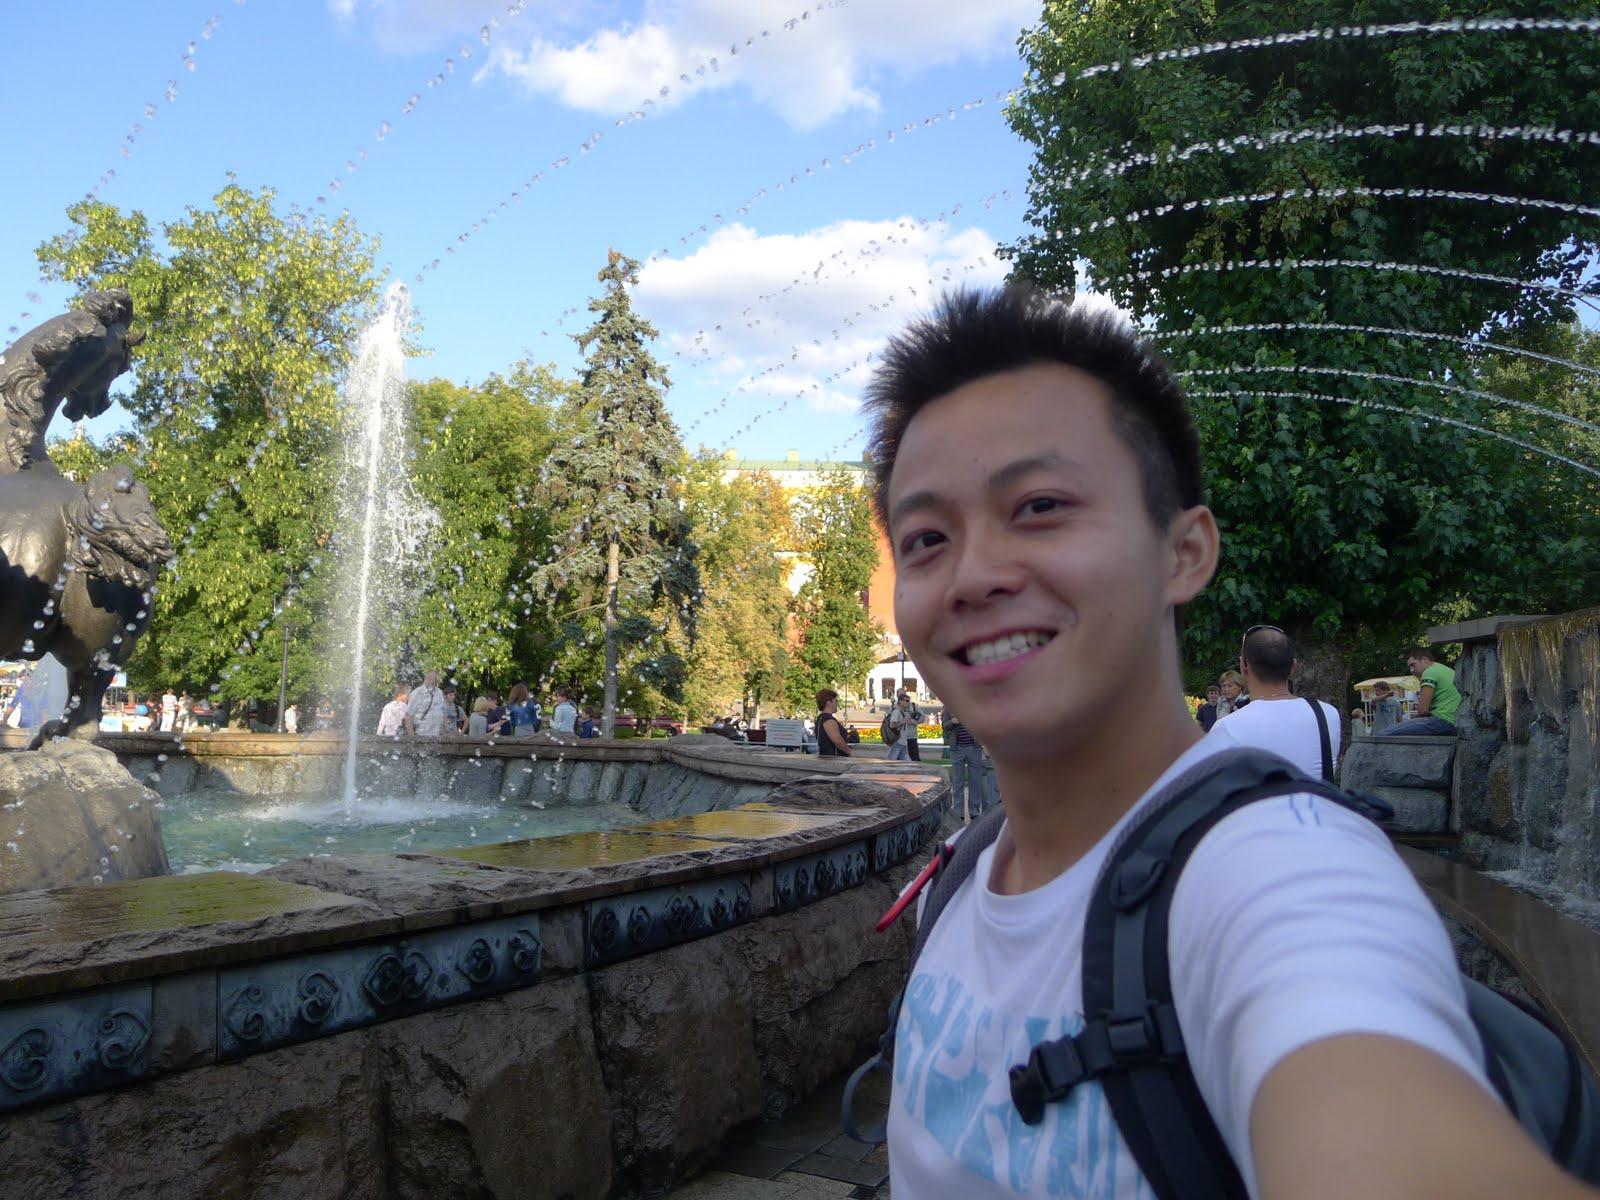 http://2.bp.blogspot.com/-OBsP9DAQzac/TlpSg4627GI/AAAAAAAAAq8/-wKeHowyzCY/s1600/P1020279.JPG